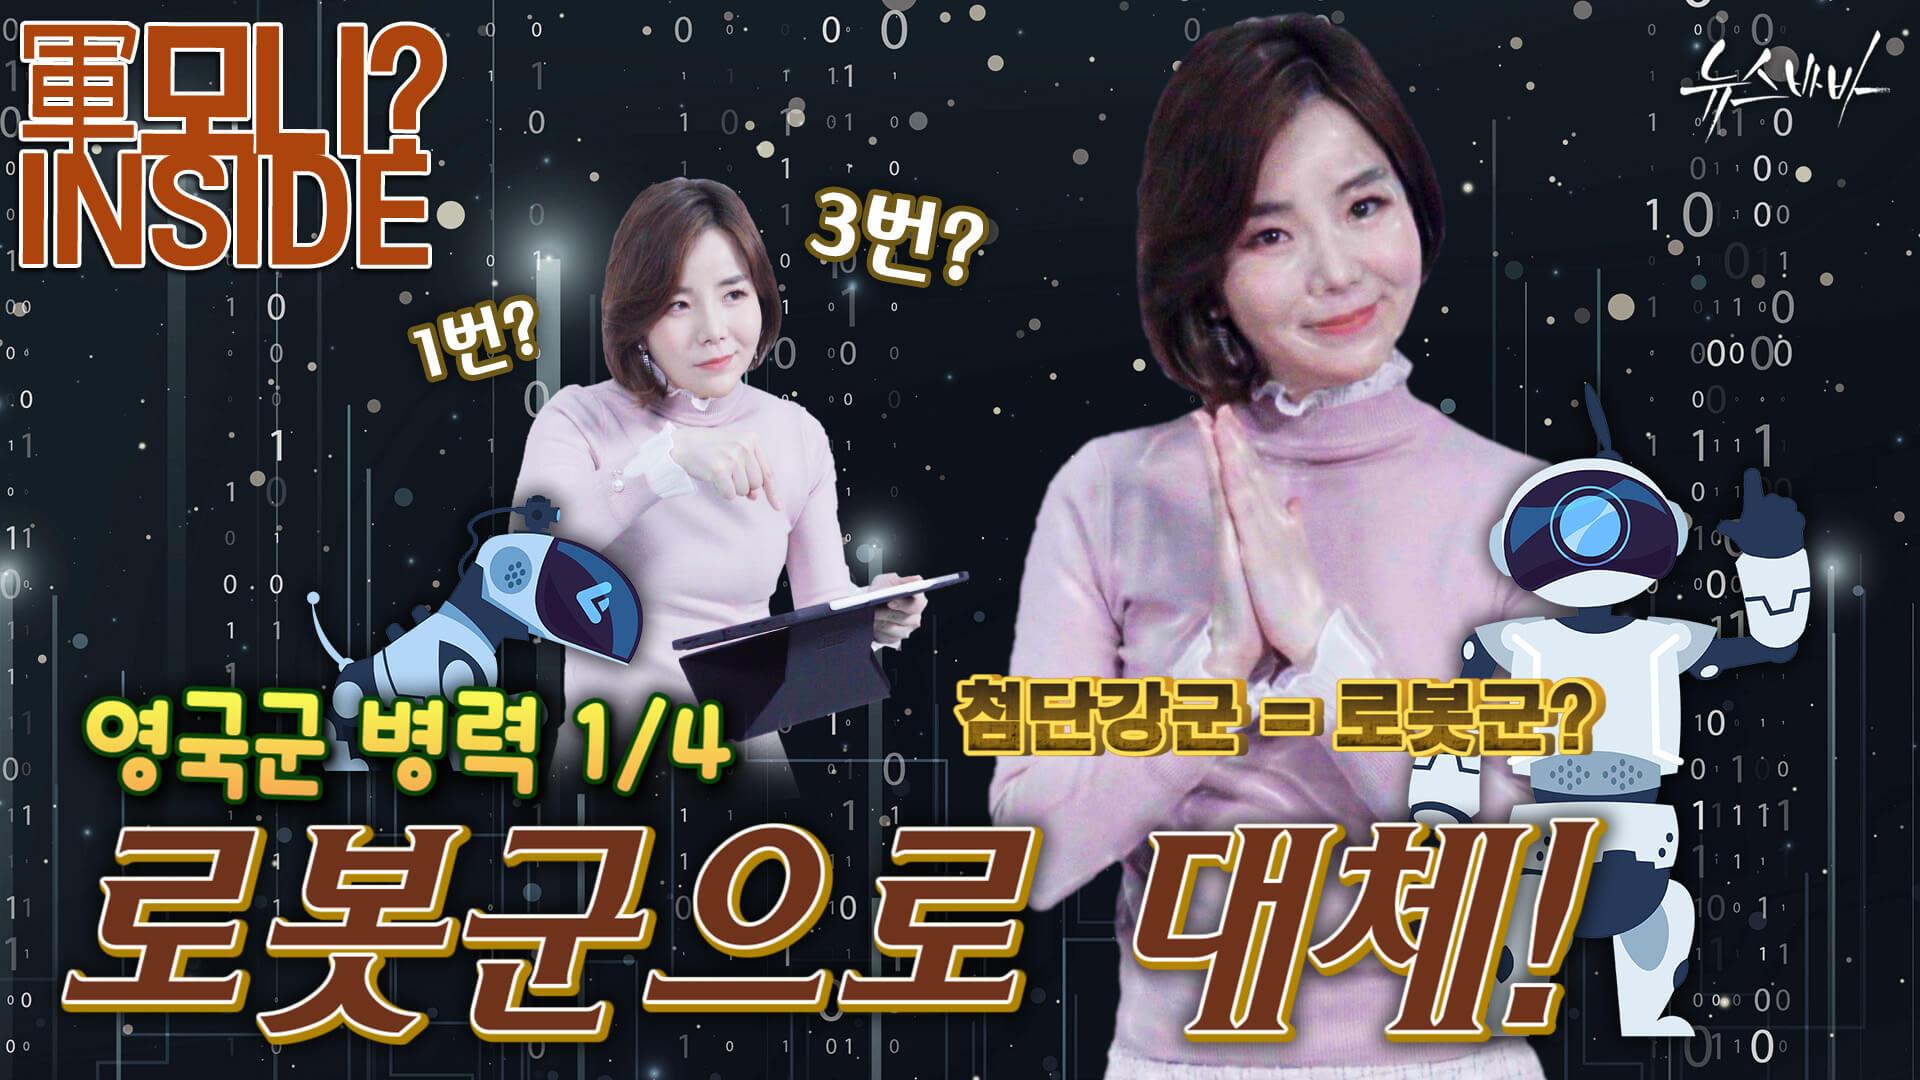 [뉴스바바] 첨단강군=로봇군? 영